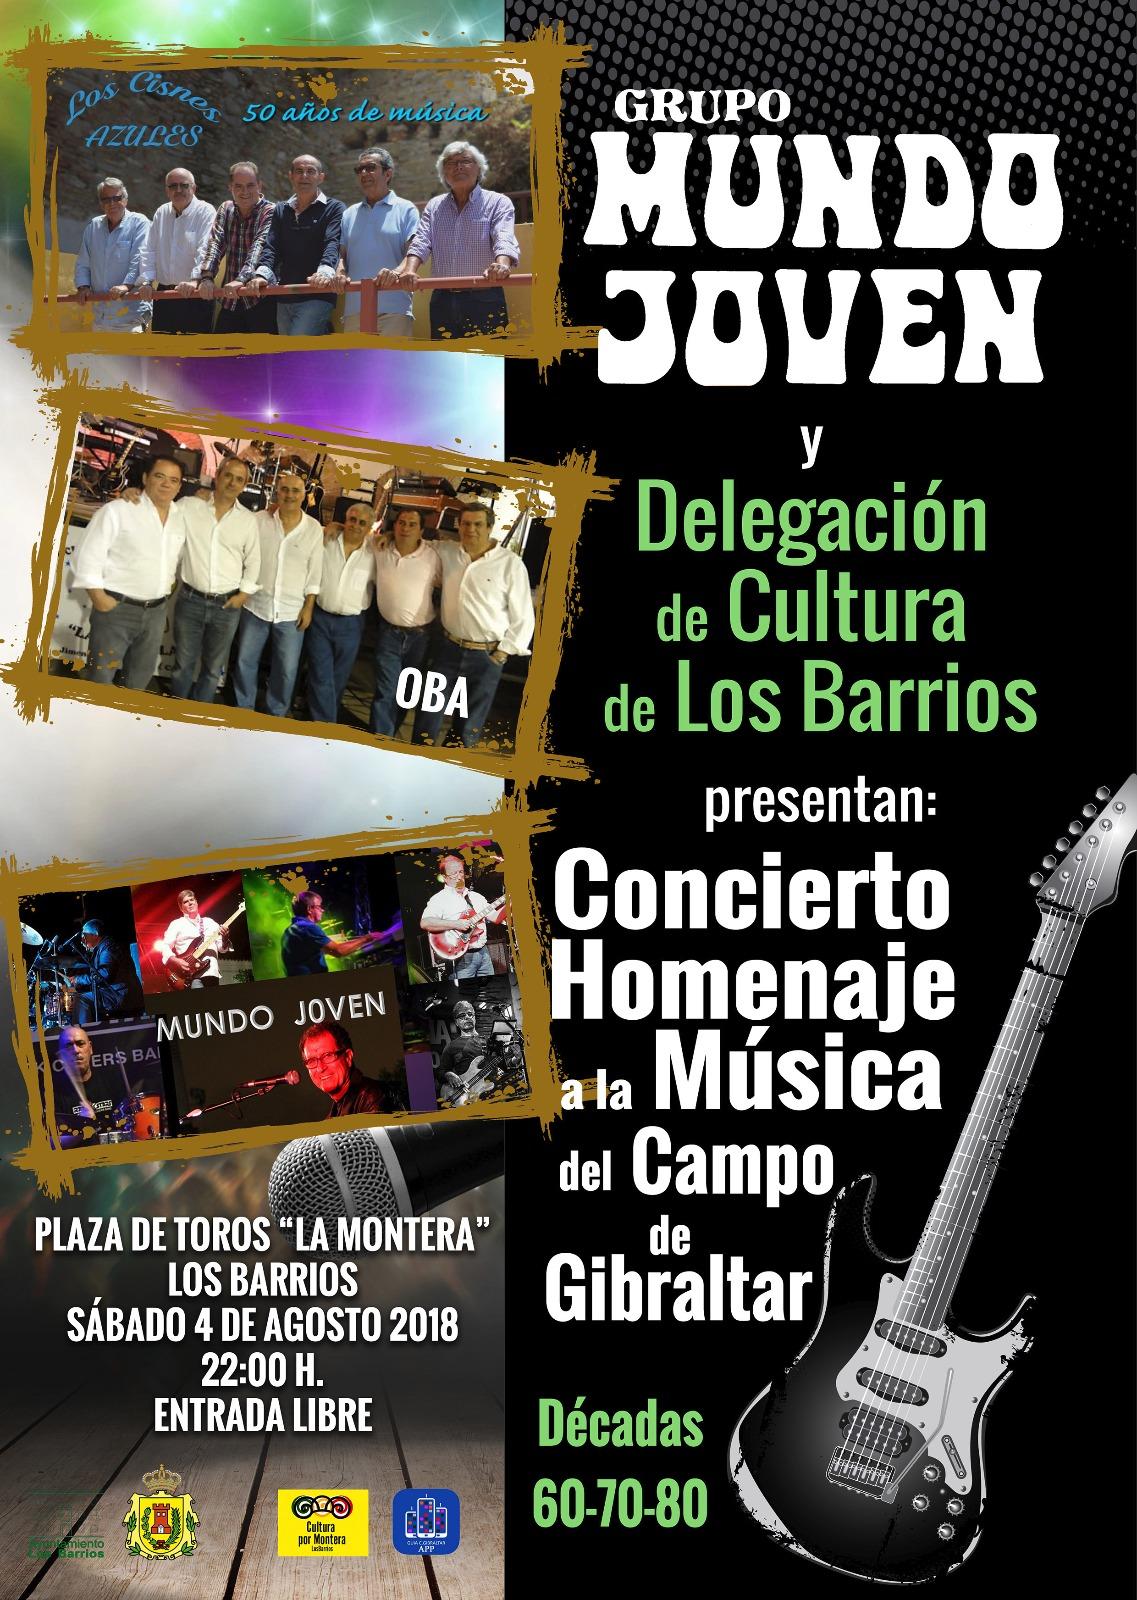 Concierto homenaje a la música del Campo de Gibraltar el 4 de agosto